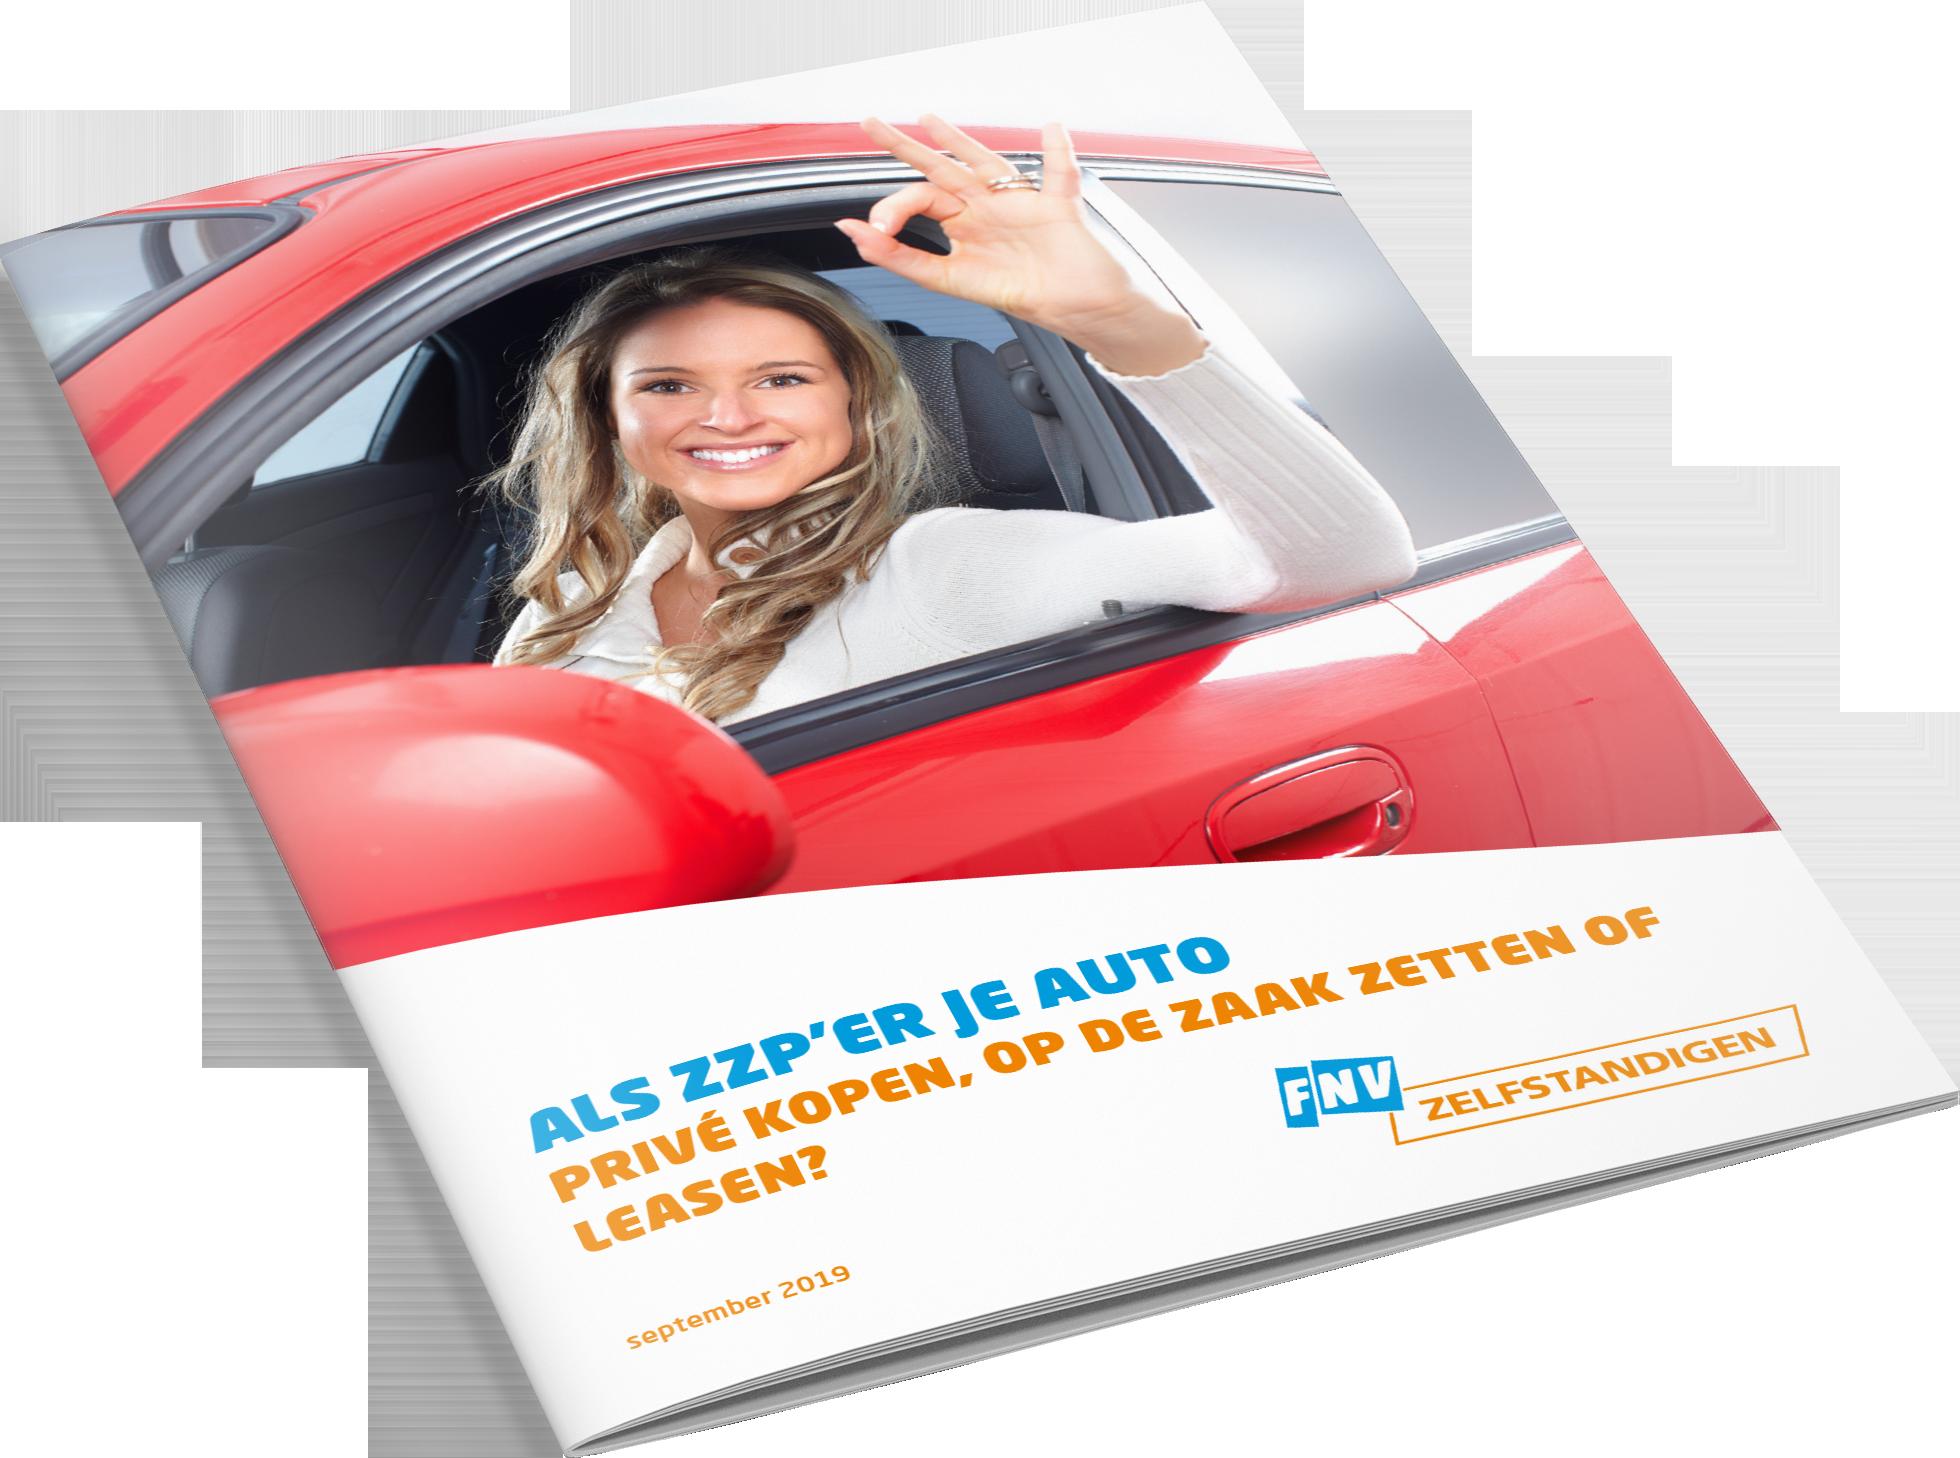 Cover-Als-zzper-je-auto-prive-kopen-op-de-zaak-zetten-of-leasen